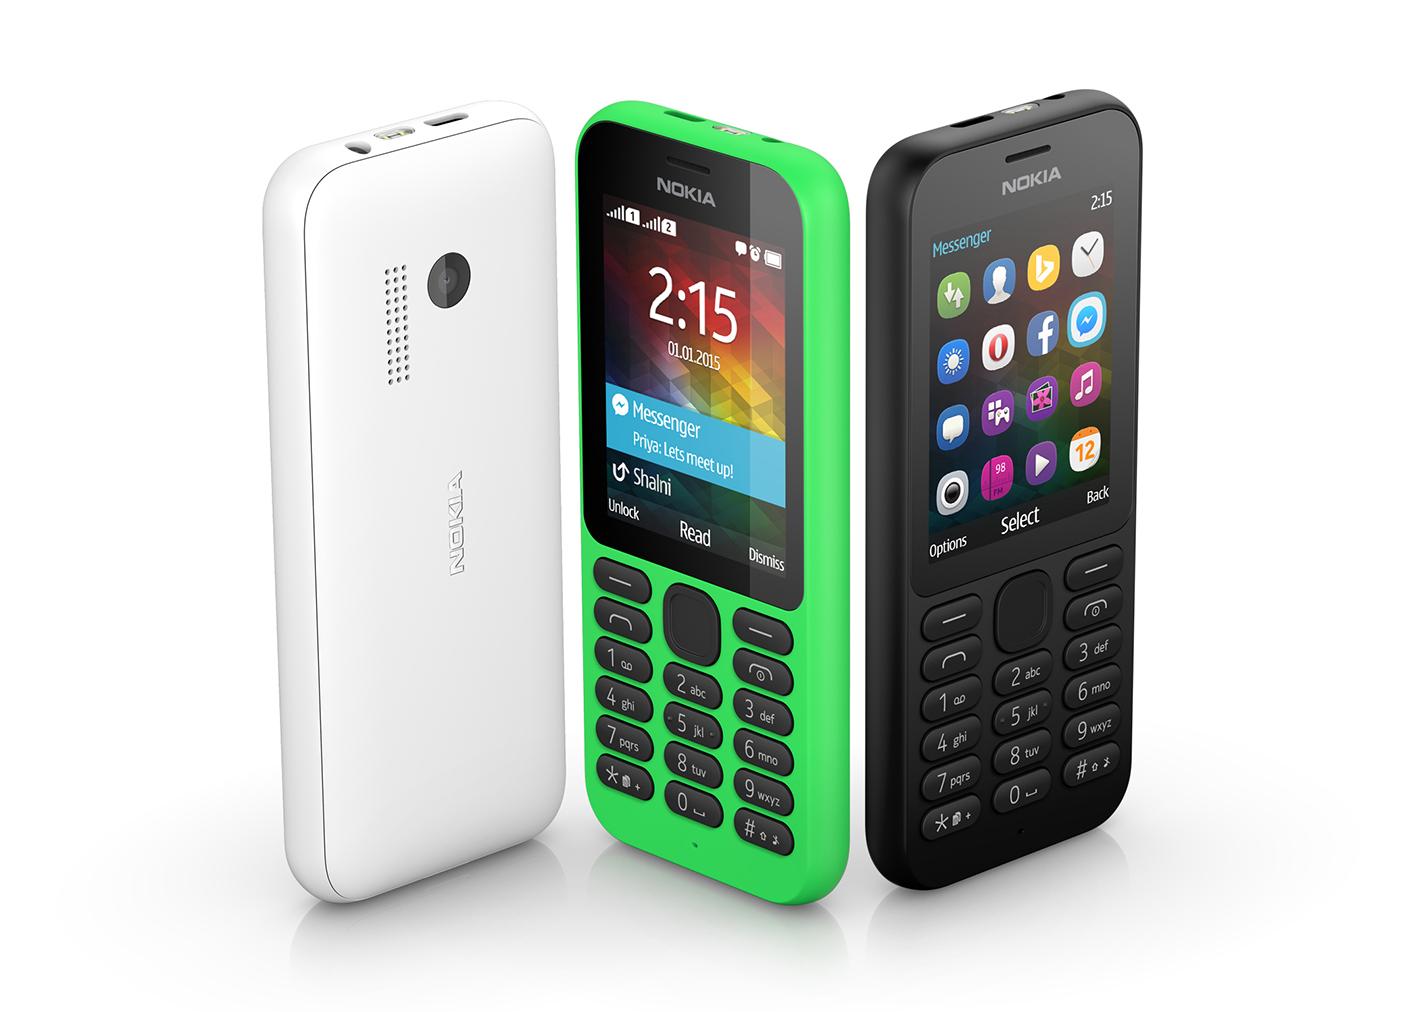 مايكروسوفت تعلن عن هاتف نوكيا 215 - عالم التقنية